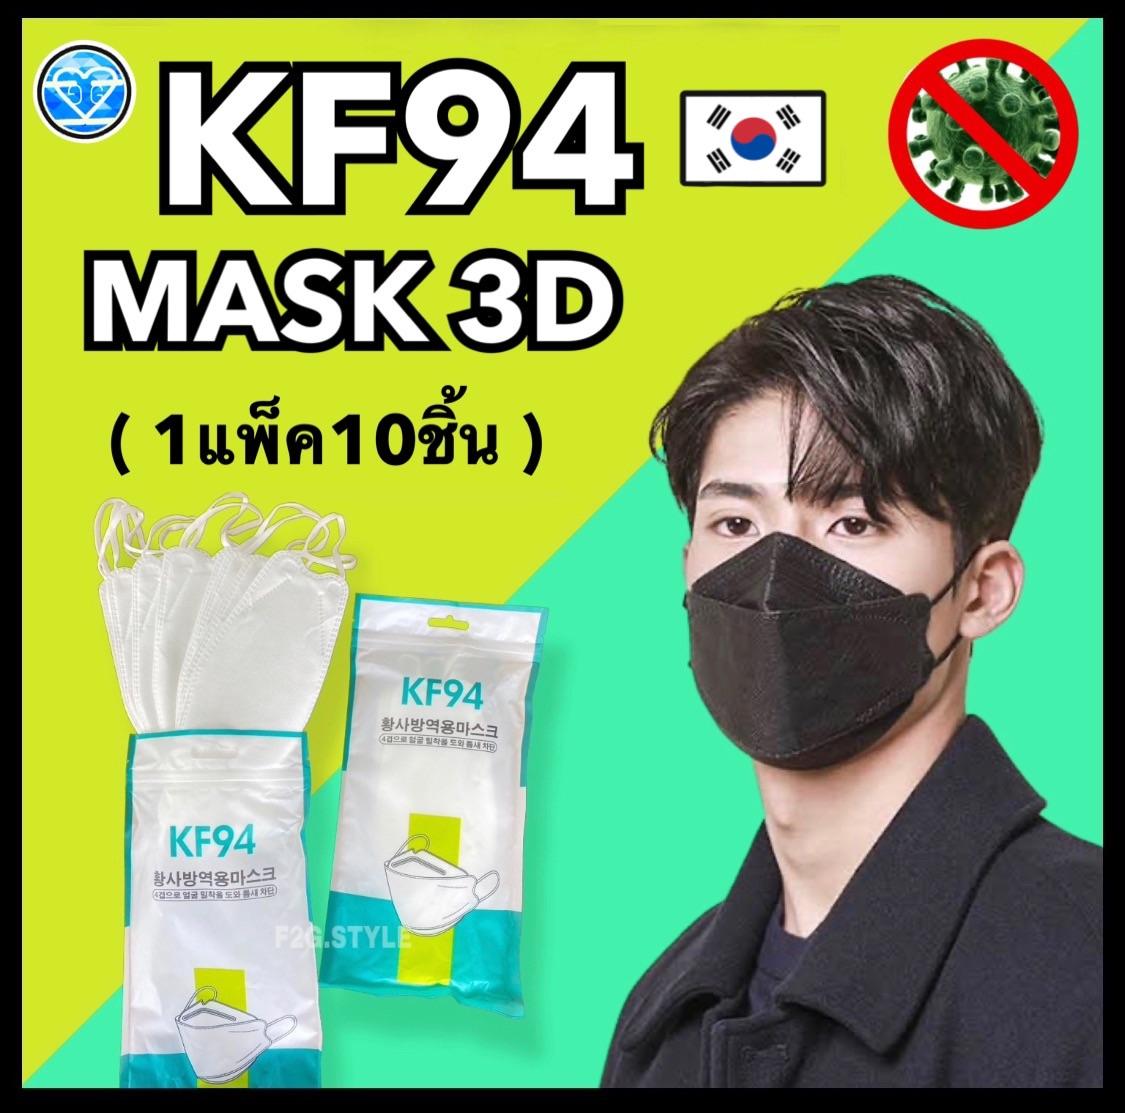 KF94?หน้ากากอนามัยKF94 3Dแมสเกาหลี[1แพ็ค10ชิ้น]หน้ากากอานามัยหนา4ชั้น.หน้ากากป้องกันฝุ่น แมสปิดปาก mask หน้ากากอานามัยเกาหลี แมสเกาหลีสีพาสเทล เมสสีดำ หายใจสะดว